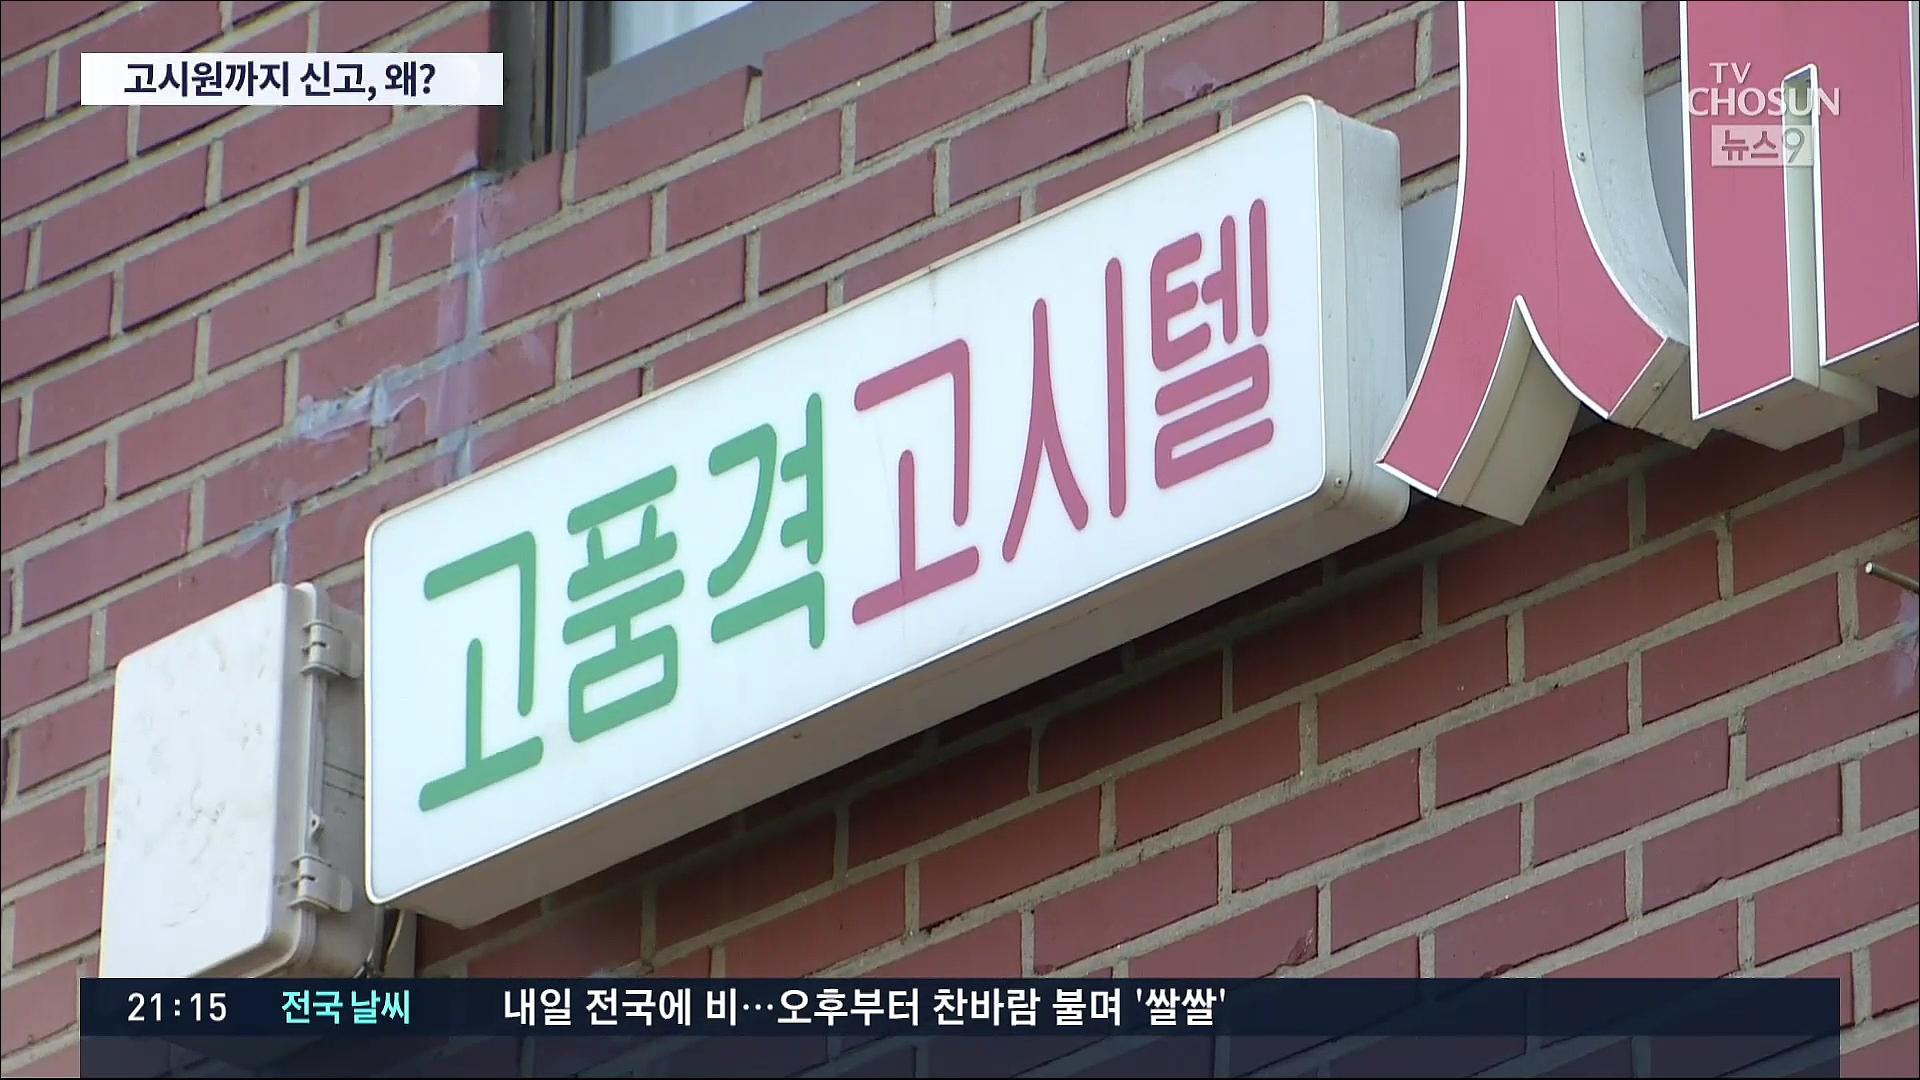 '과세·표준임대료 근거?'…'전월세 신고제' 앞두고 불안 확산